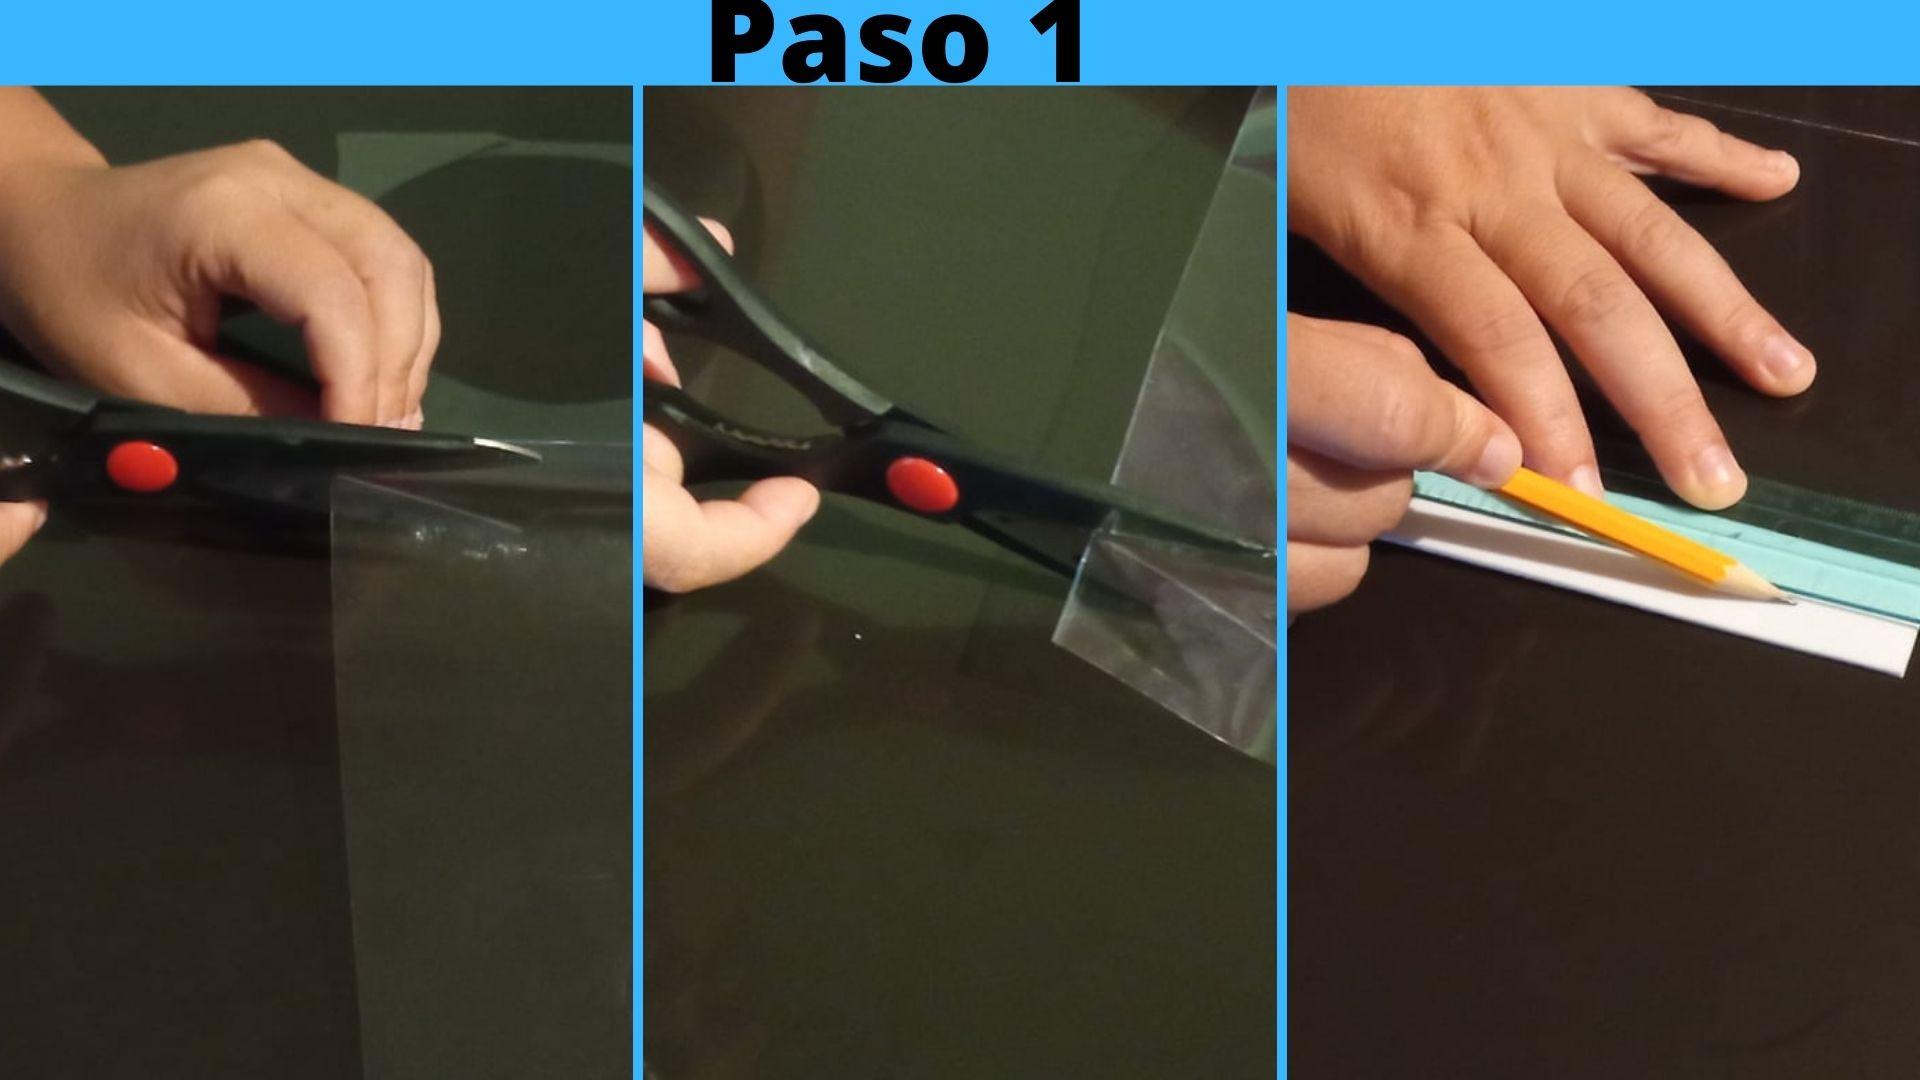 Paso 1 (7).jpg